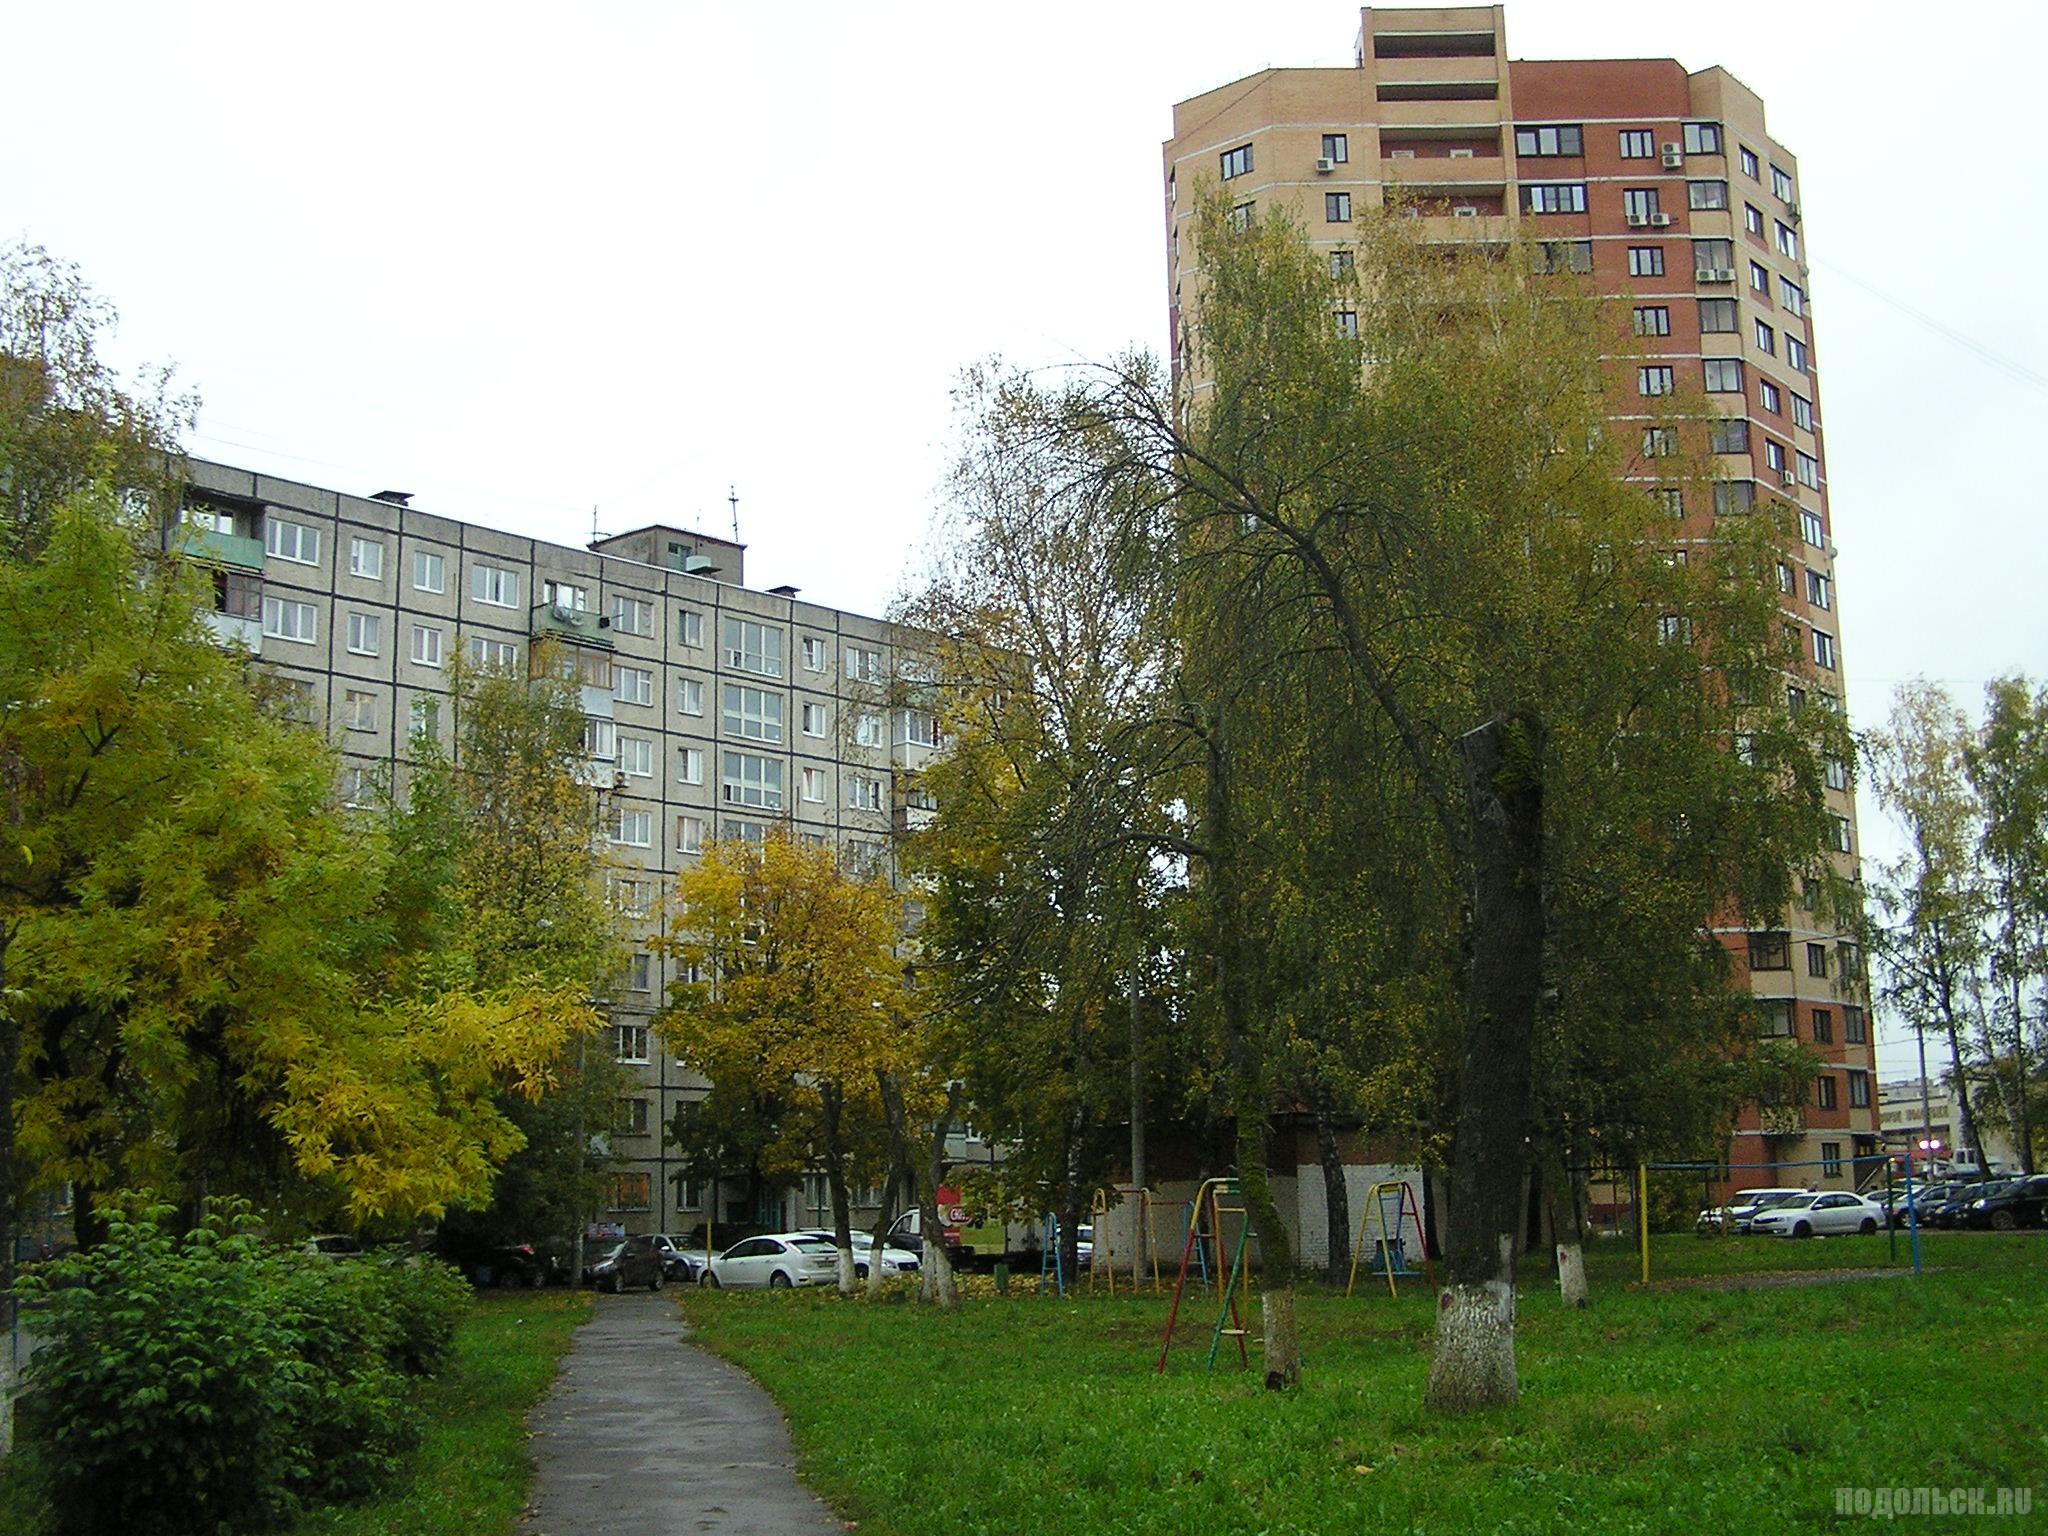 Ленинградская улица. Во дворе. 4 октября 2016 г.